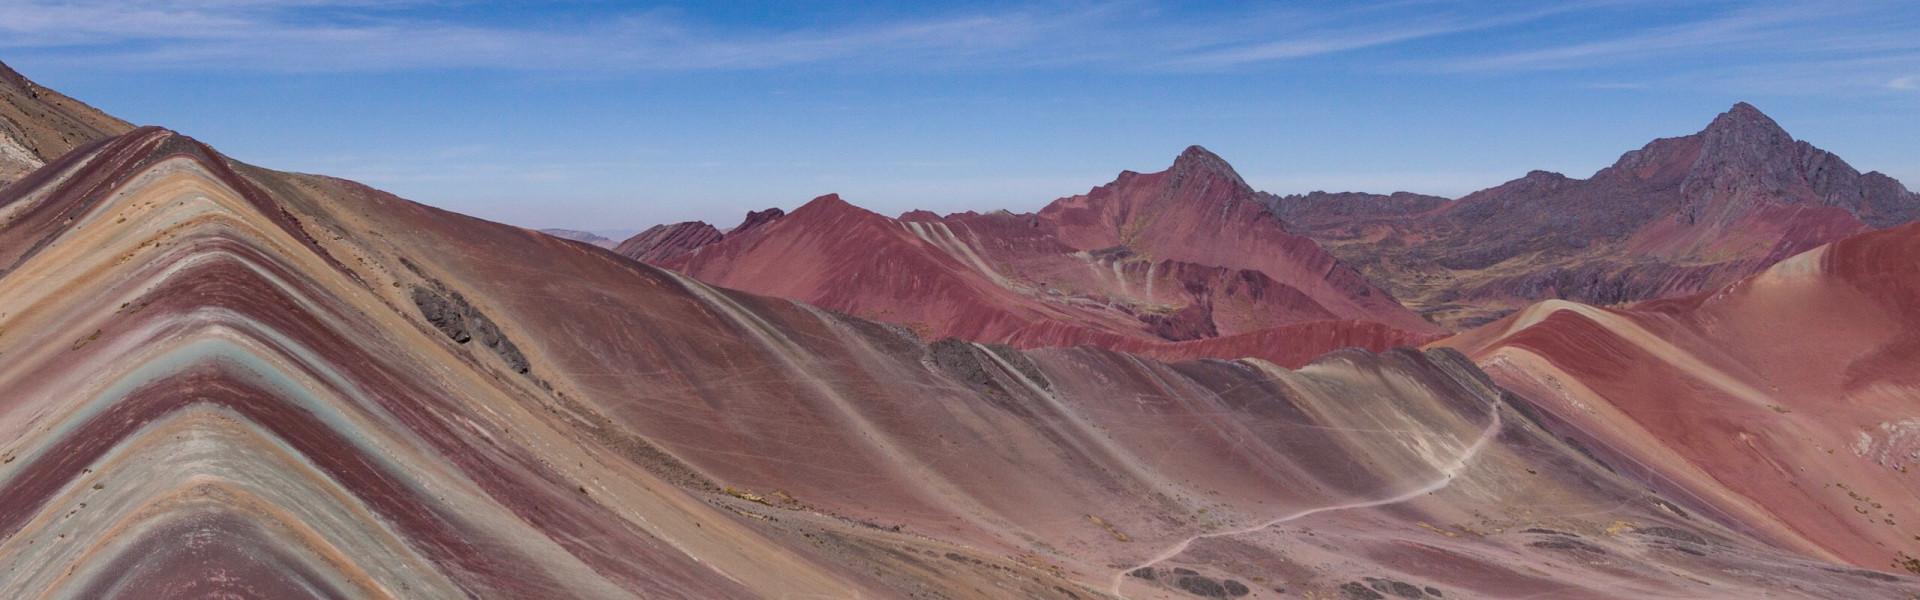 Destination image of Pérou